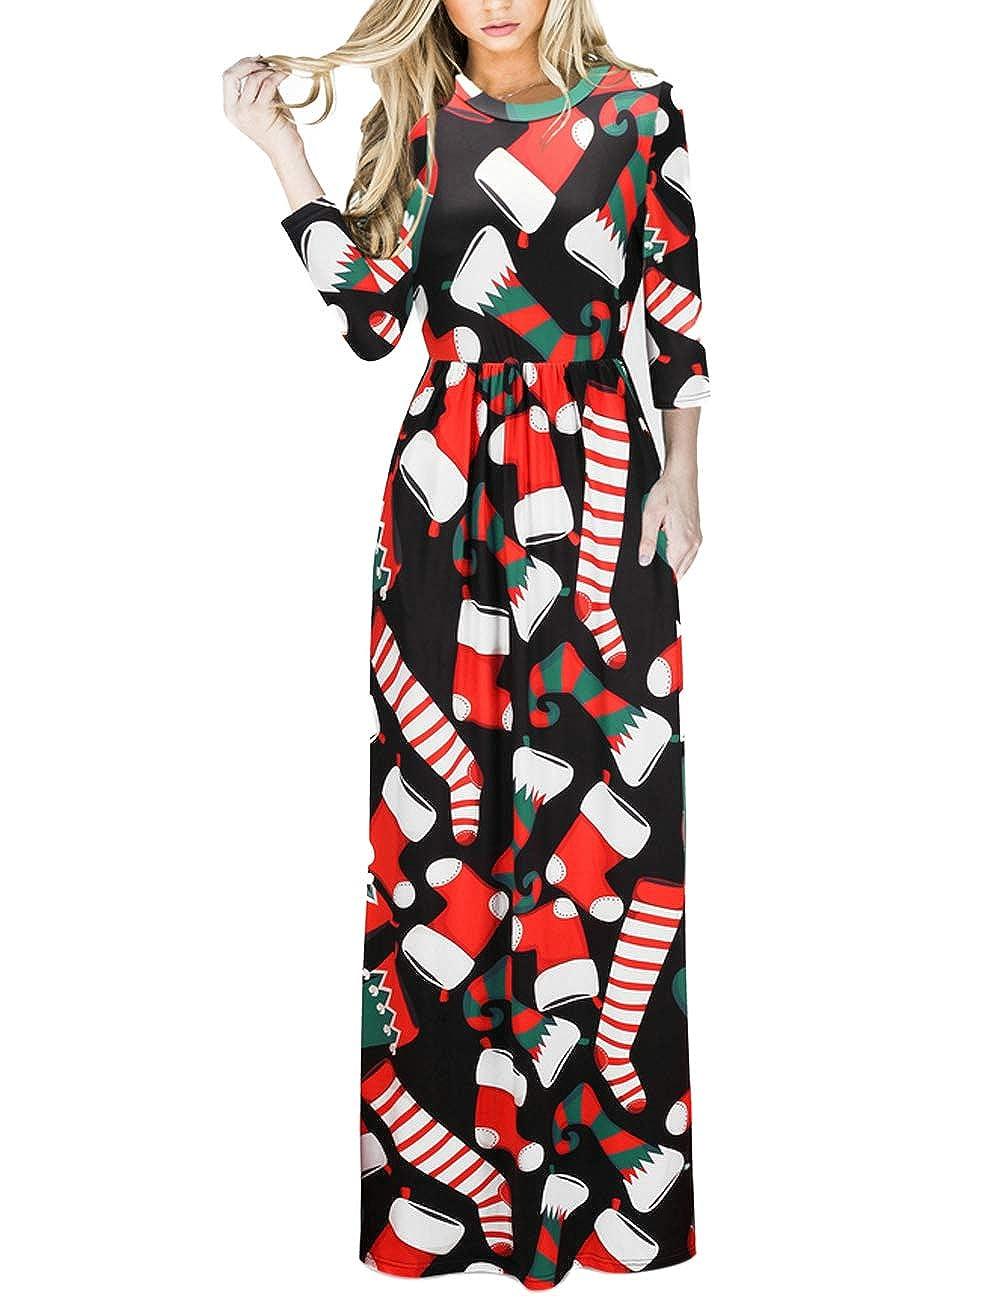 TALLA S=ES 36-38. FeelinGirl Mujeres Vestido Largo Estampado Floral de Fiesta Navidad Falda Maxi de Manga Larga Nochebuena Multicolor-03 S=ES 36-38